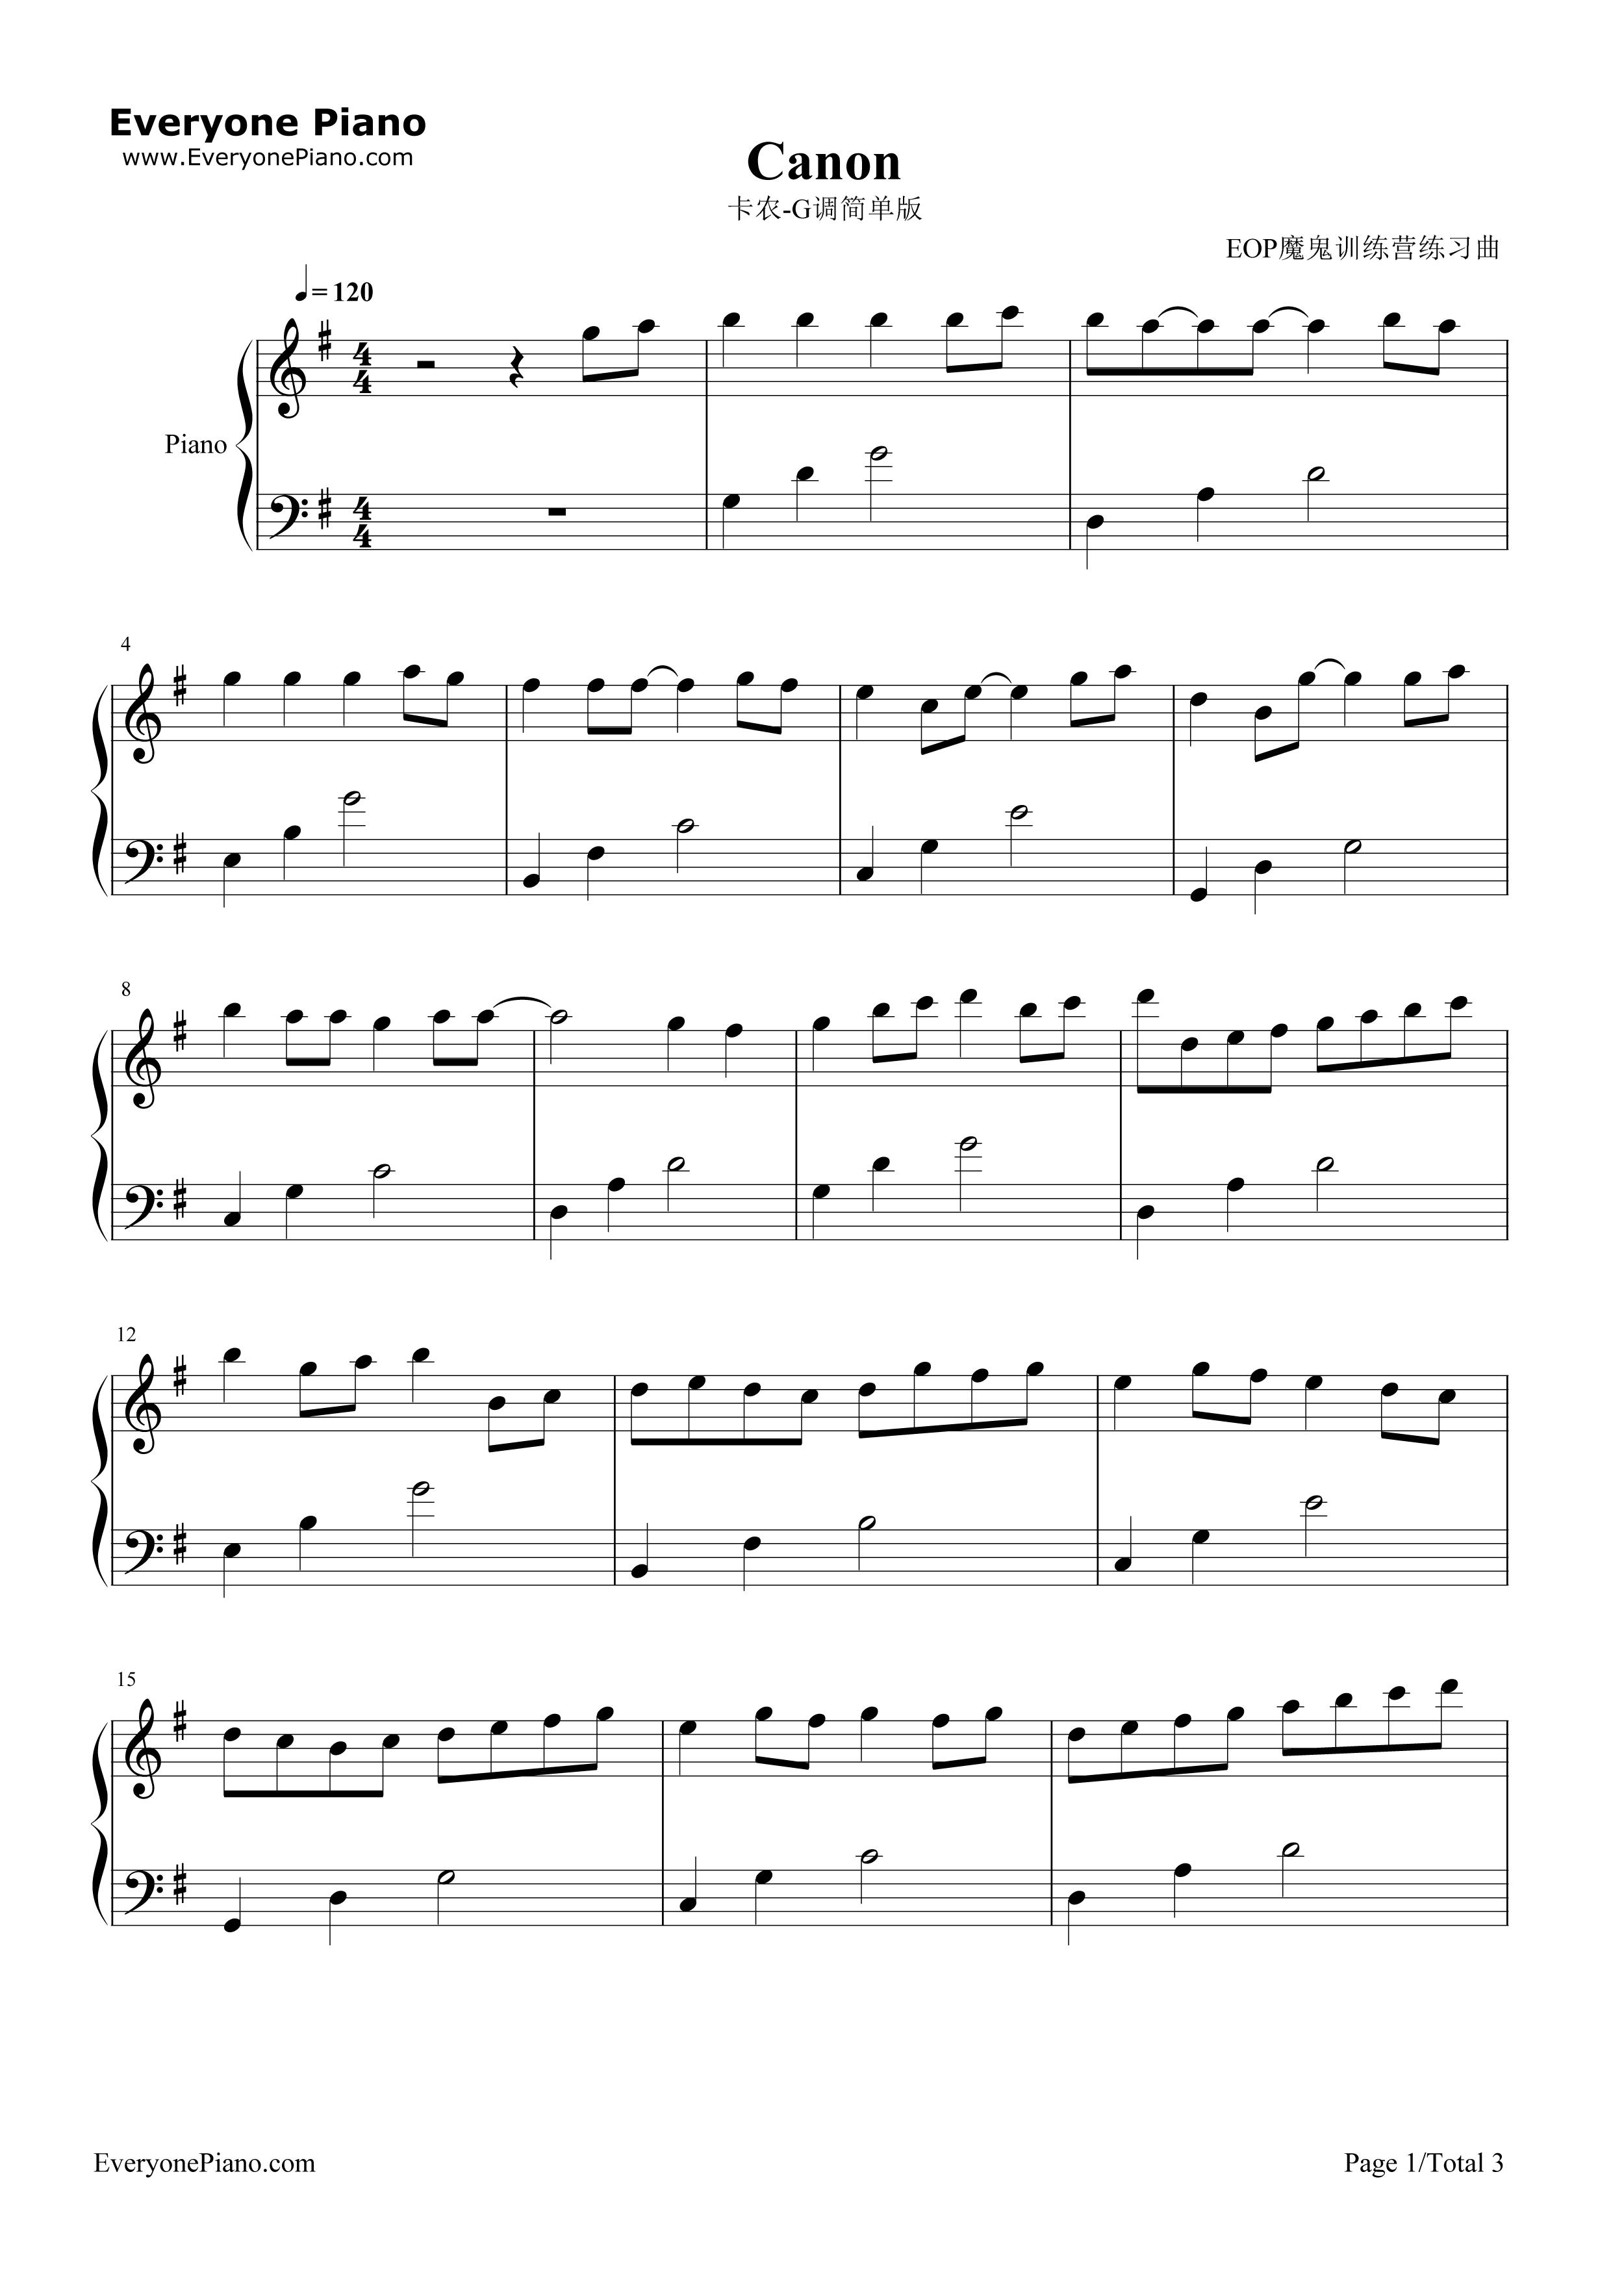 カノンG調-簡単版五線譜プレビュー1 カノンG調-簡単版五線譜プレビュー1-無料の楽譜「五線譜、